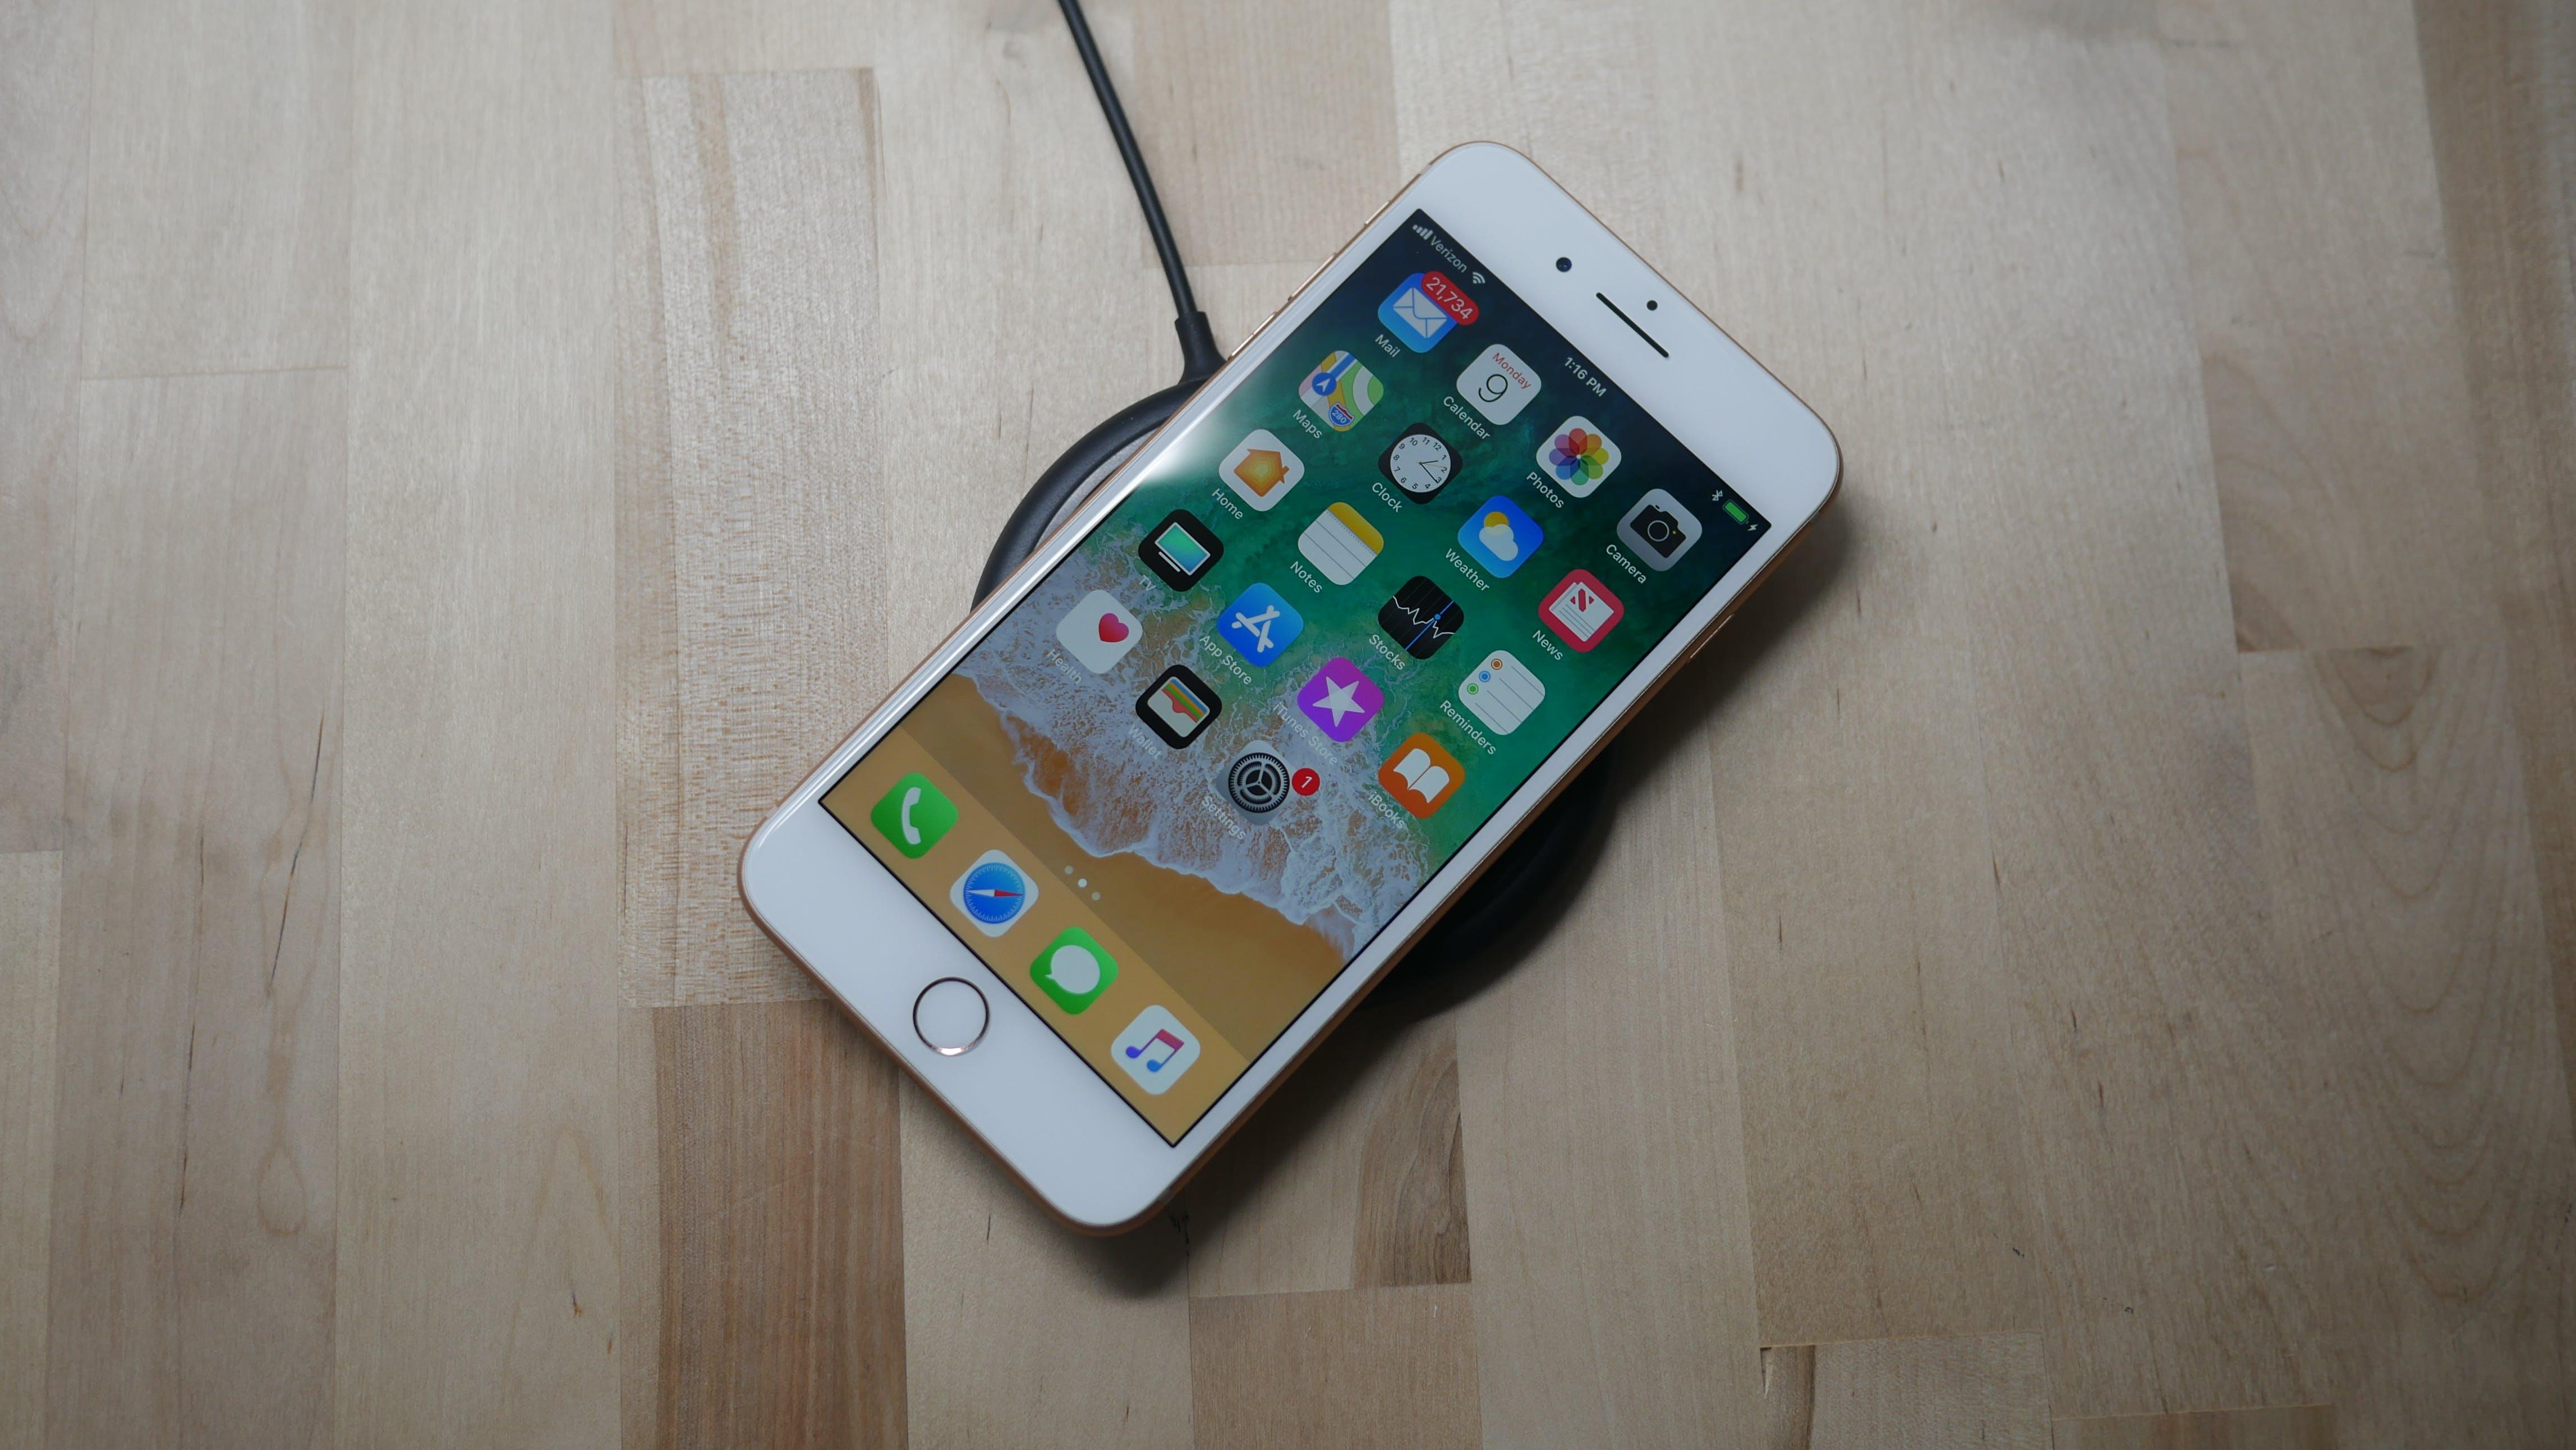 best smartphones 2018 - Apple iPhone 8 Plus front wireless charging